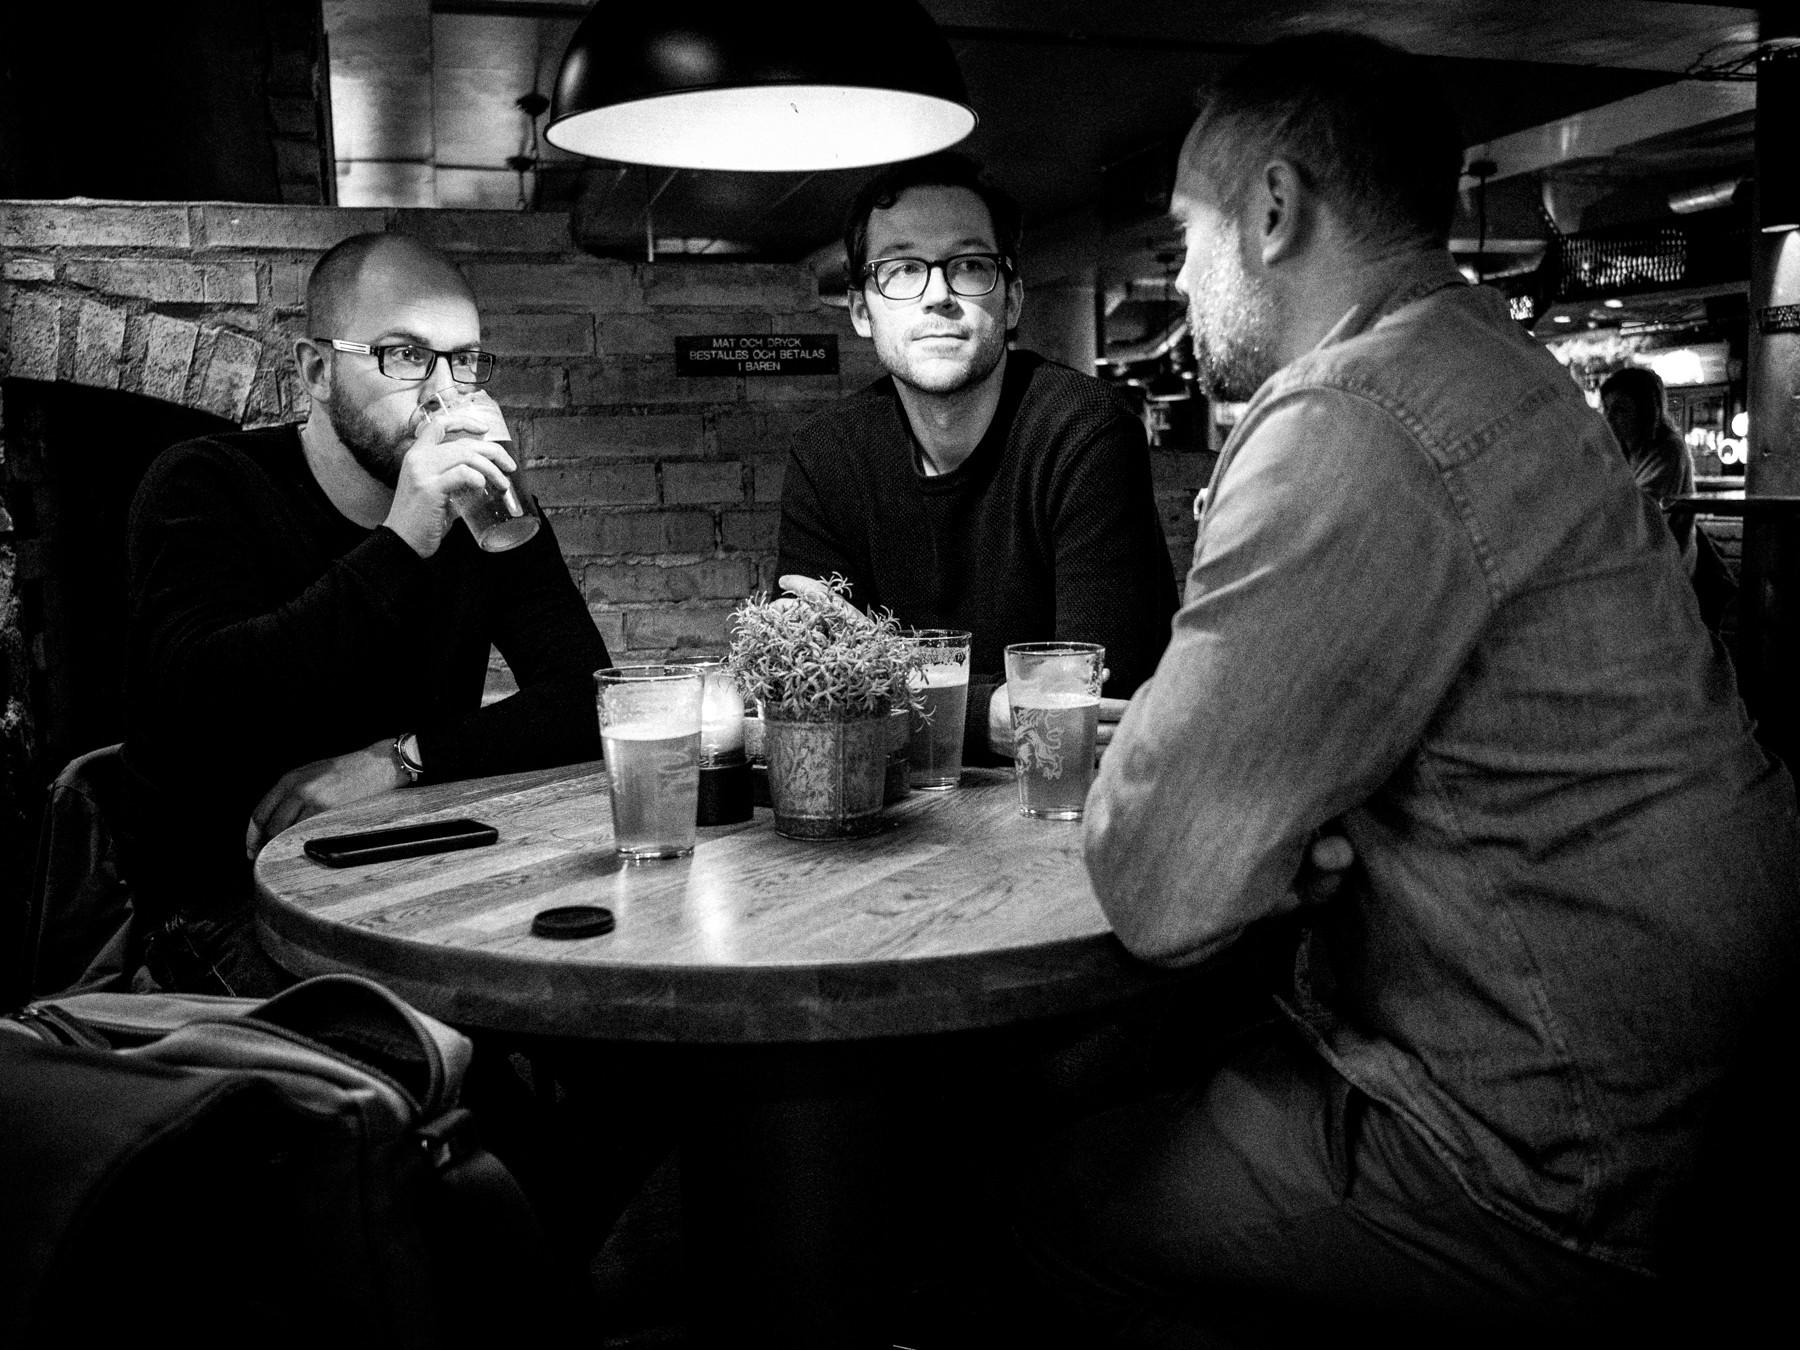 Casper, Robert og Christian på Utposten i Helsingborg